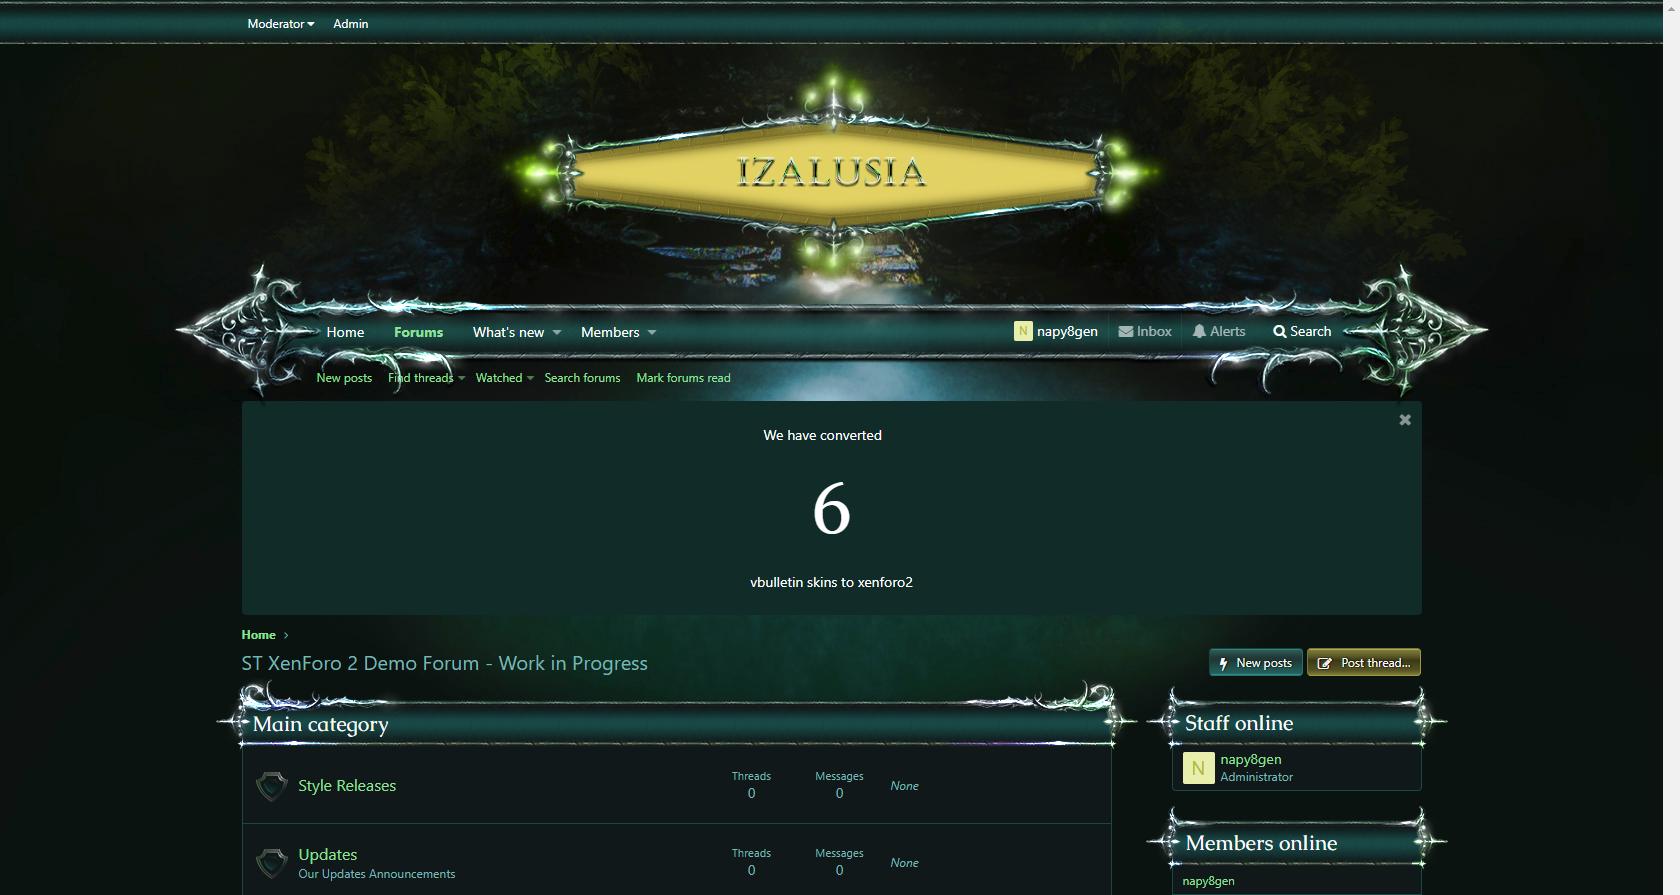 izalusia - Izalusia xf2